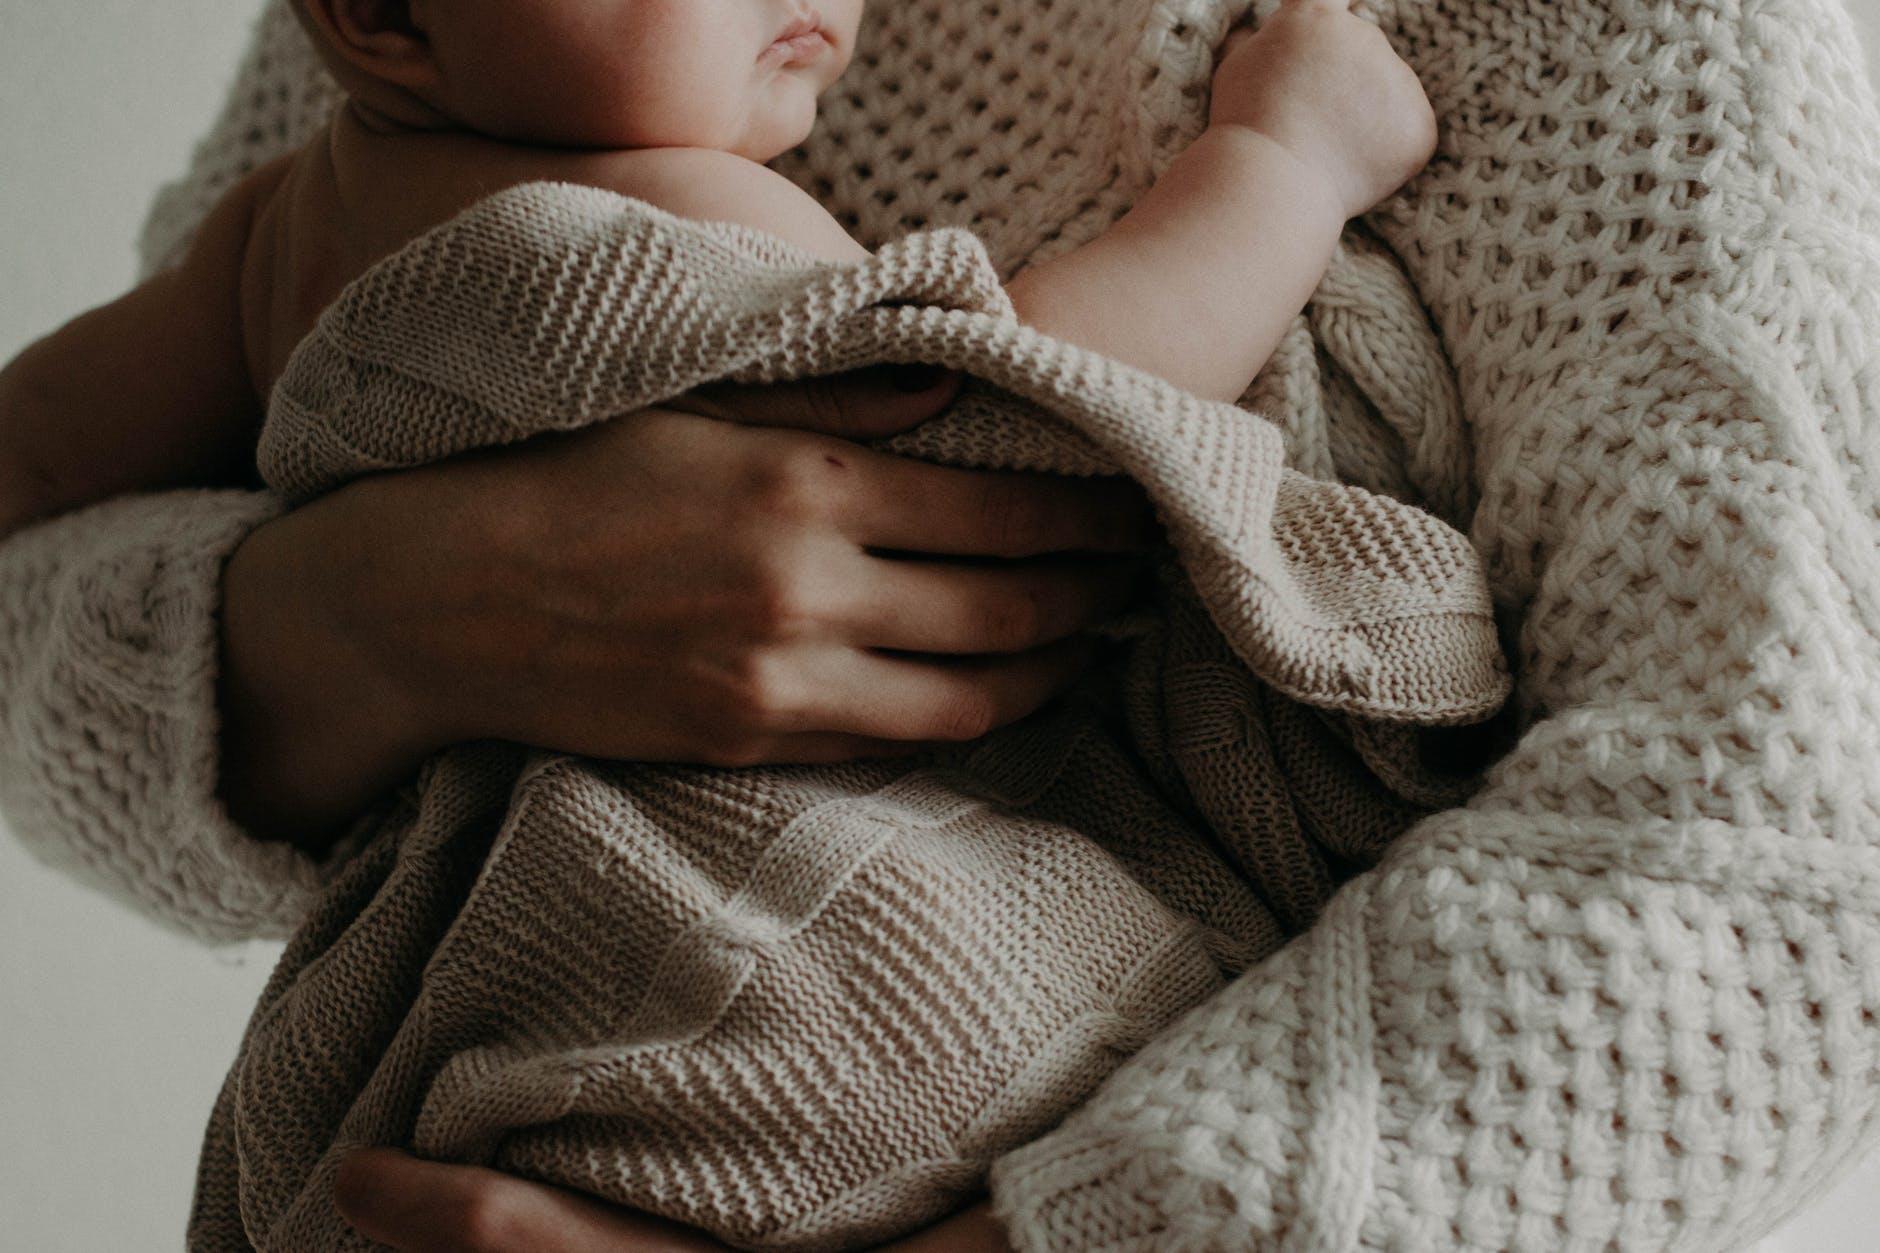 מחקר חדש: OCD אחרי לידה נפוץ יותר משחשבנו 1